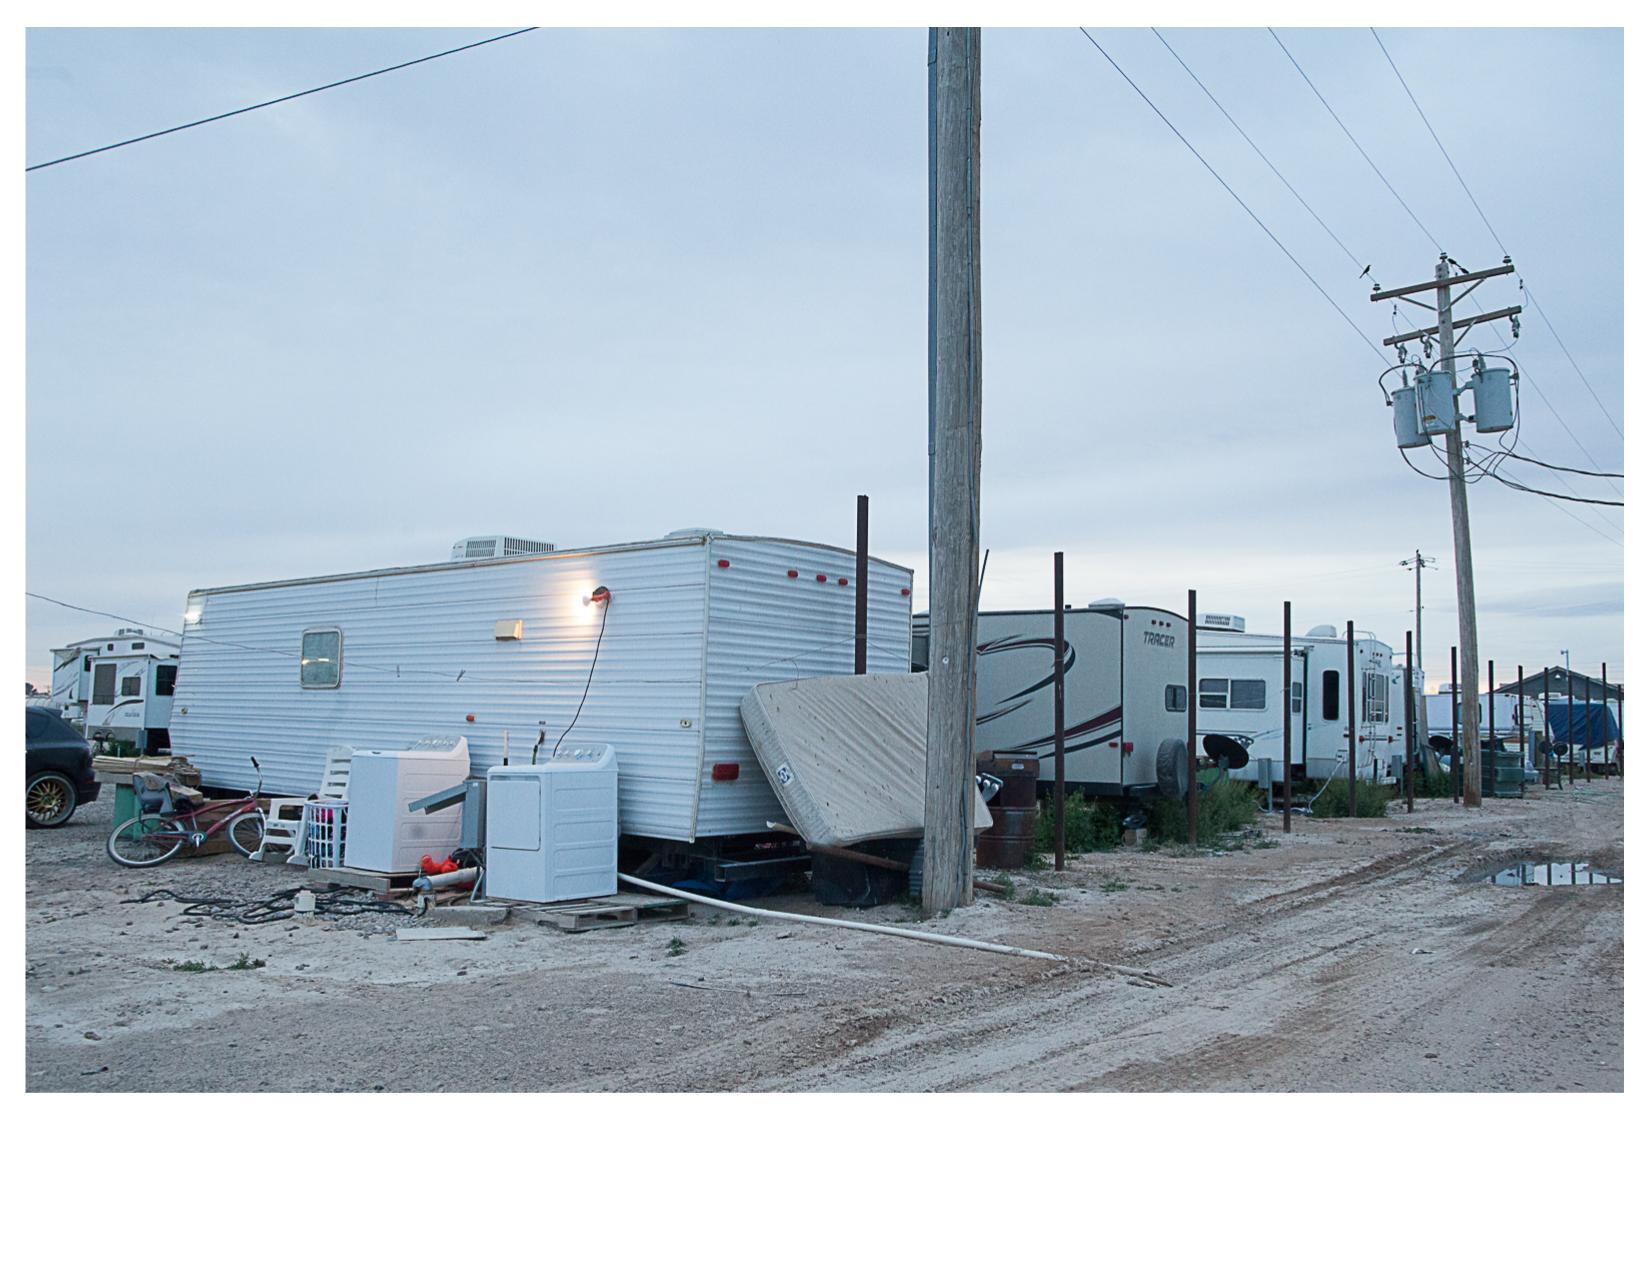 Oilfield Worker's Camp, Pecos, TX